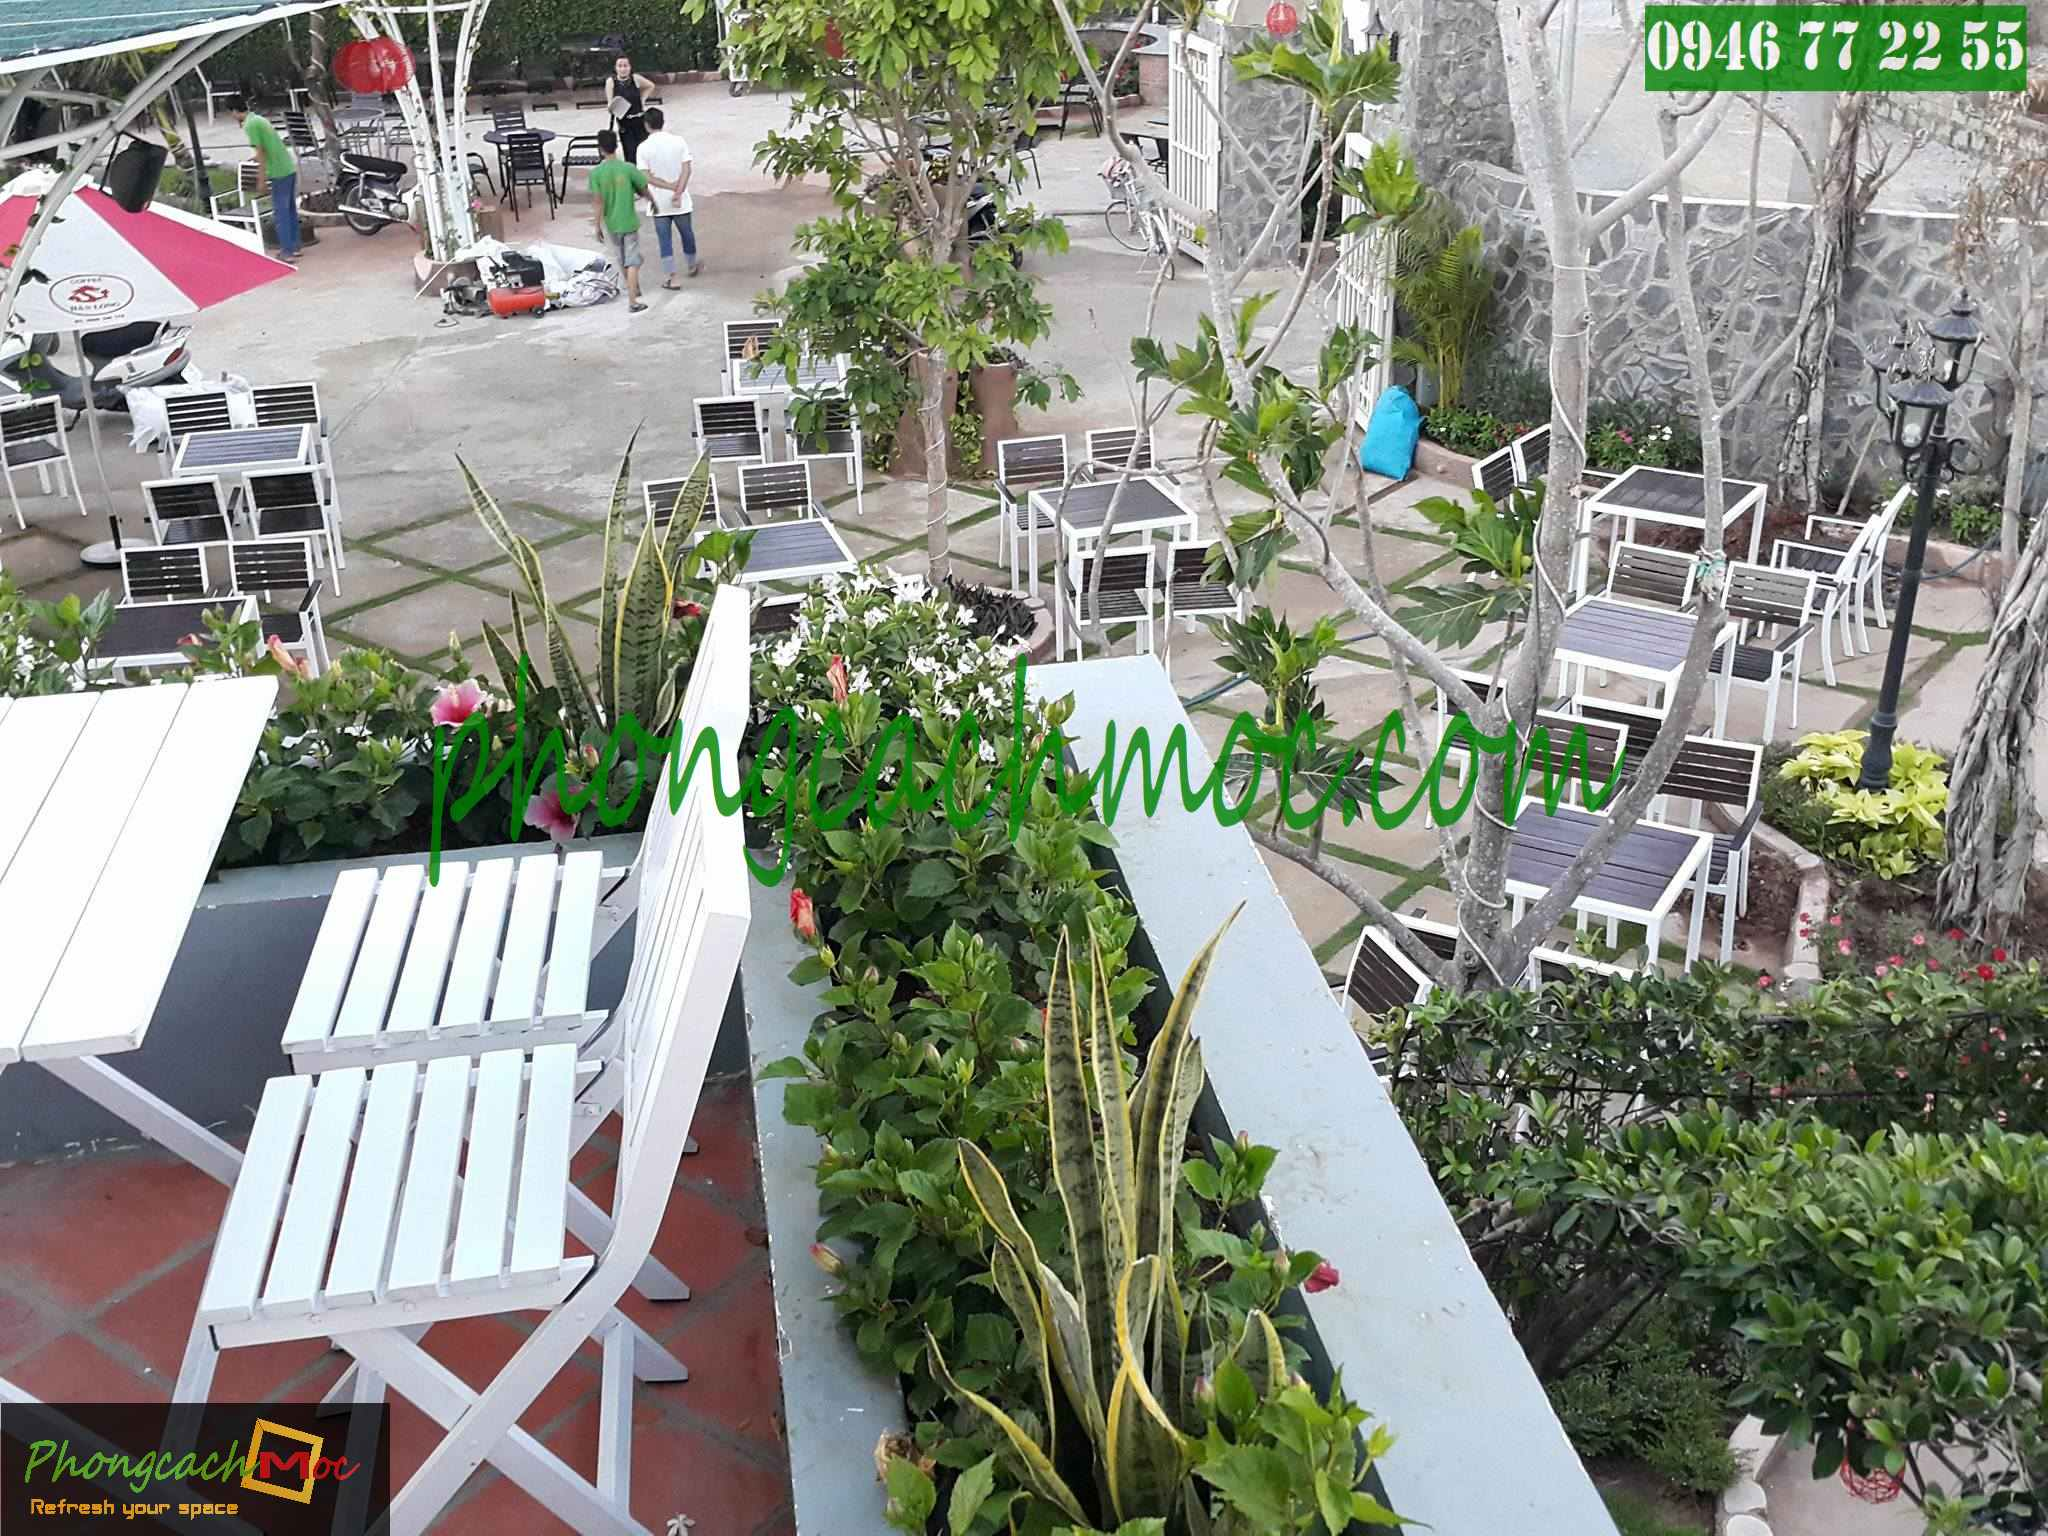 ban-ghe-quan-cafe-21410